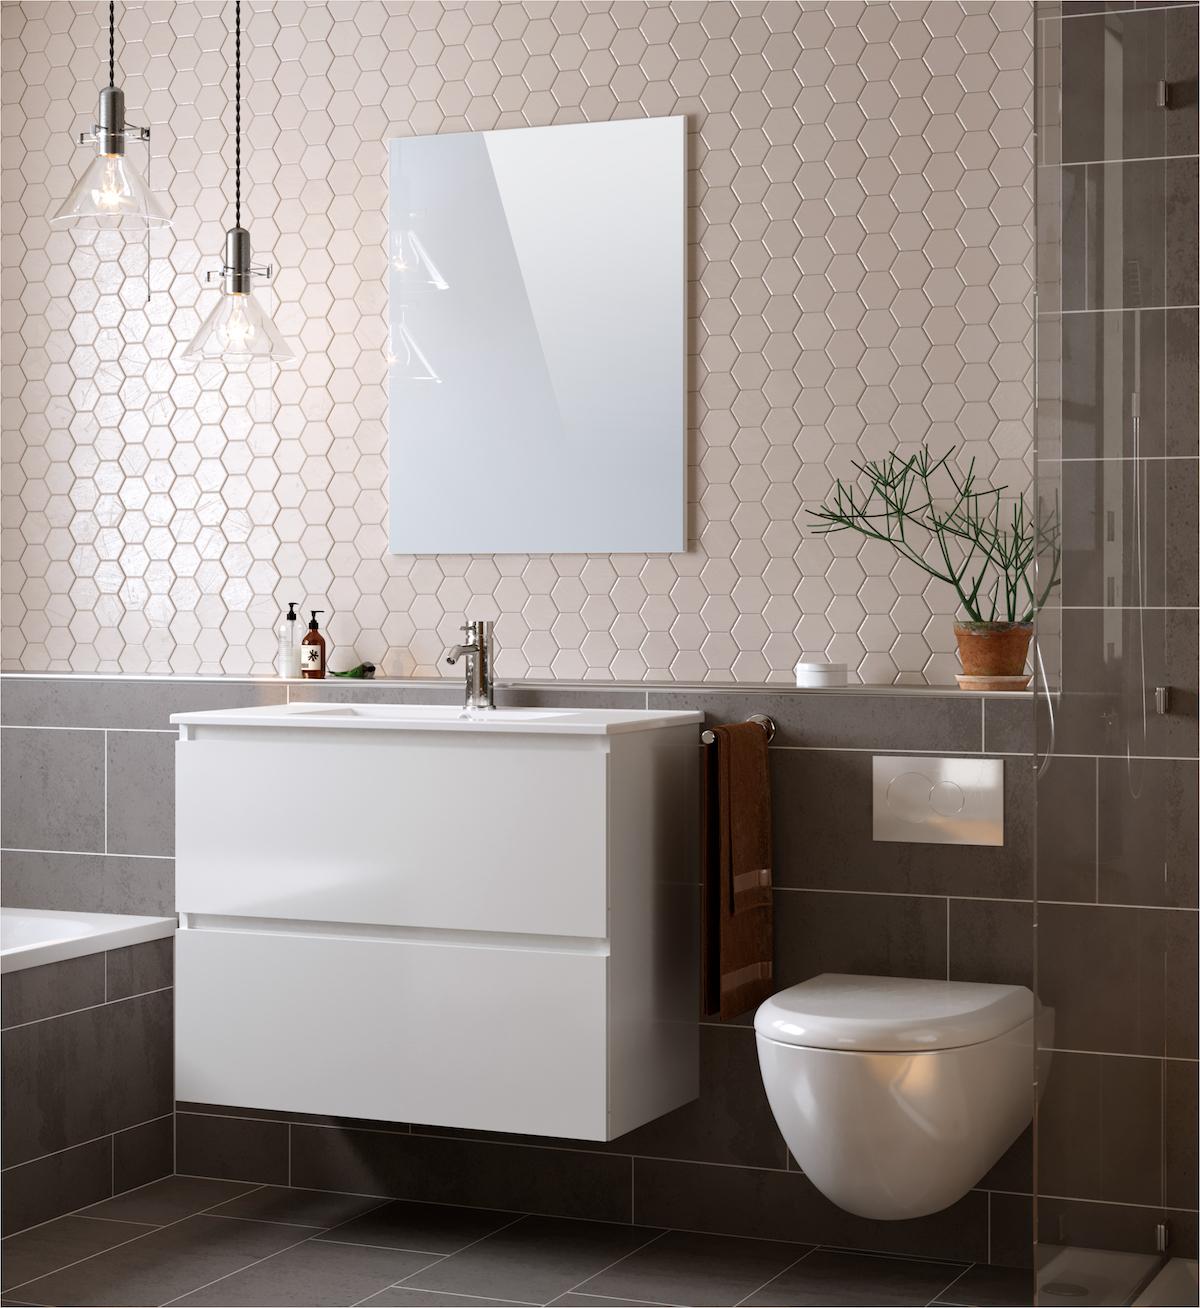 décoration minimaliste meuble douche blanc Bobochic